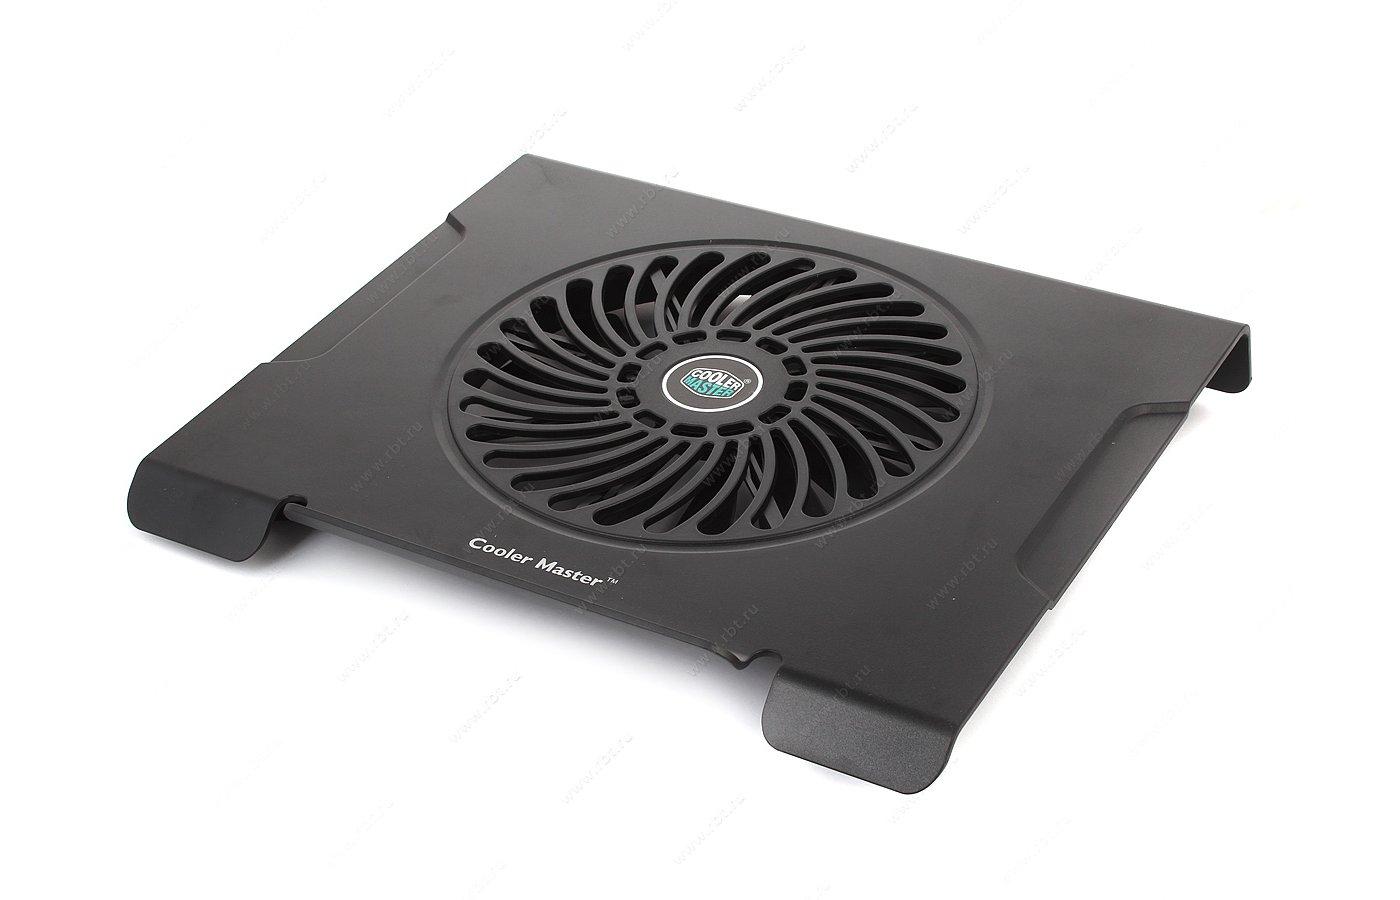 Подставка для ноутбука Cooler Master NotePal CMC3 (R9-NBC-CMC3-GP) Подставка для охлаждения ноутбука